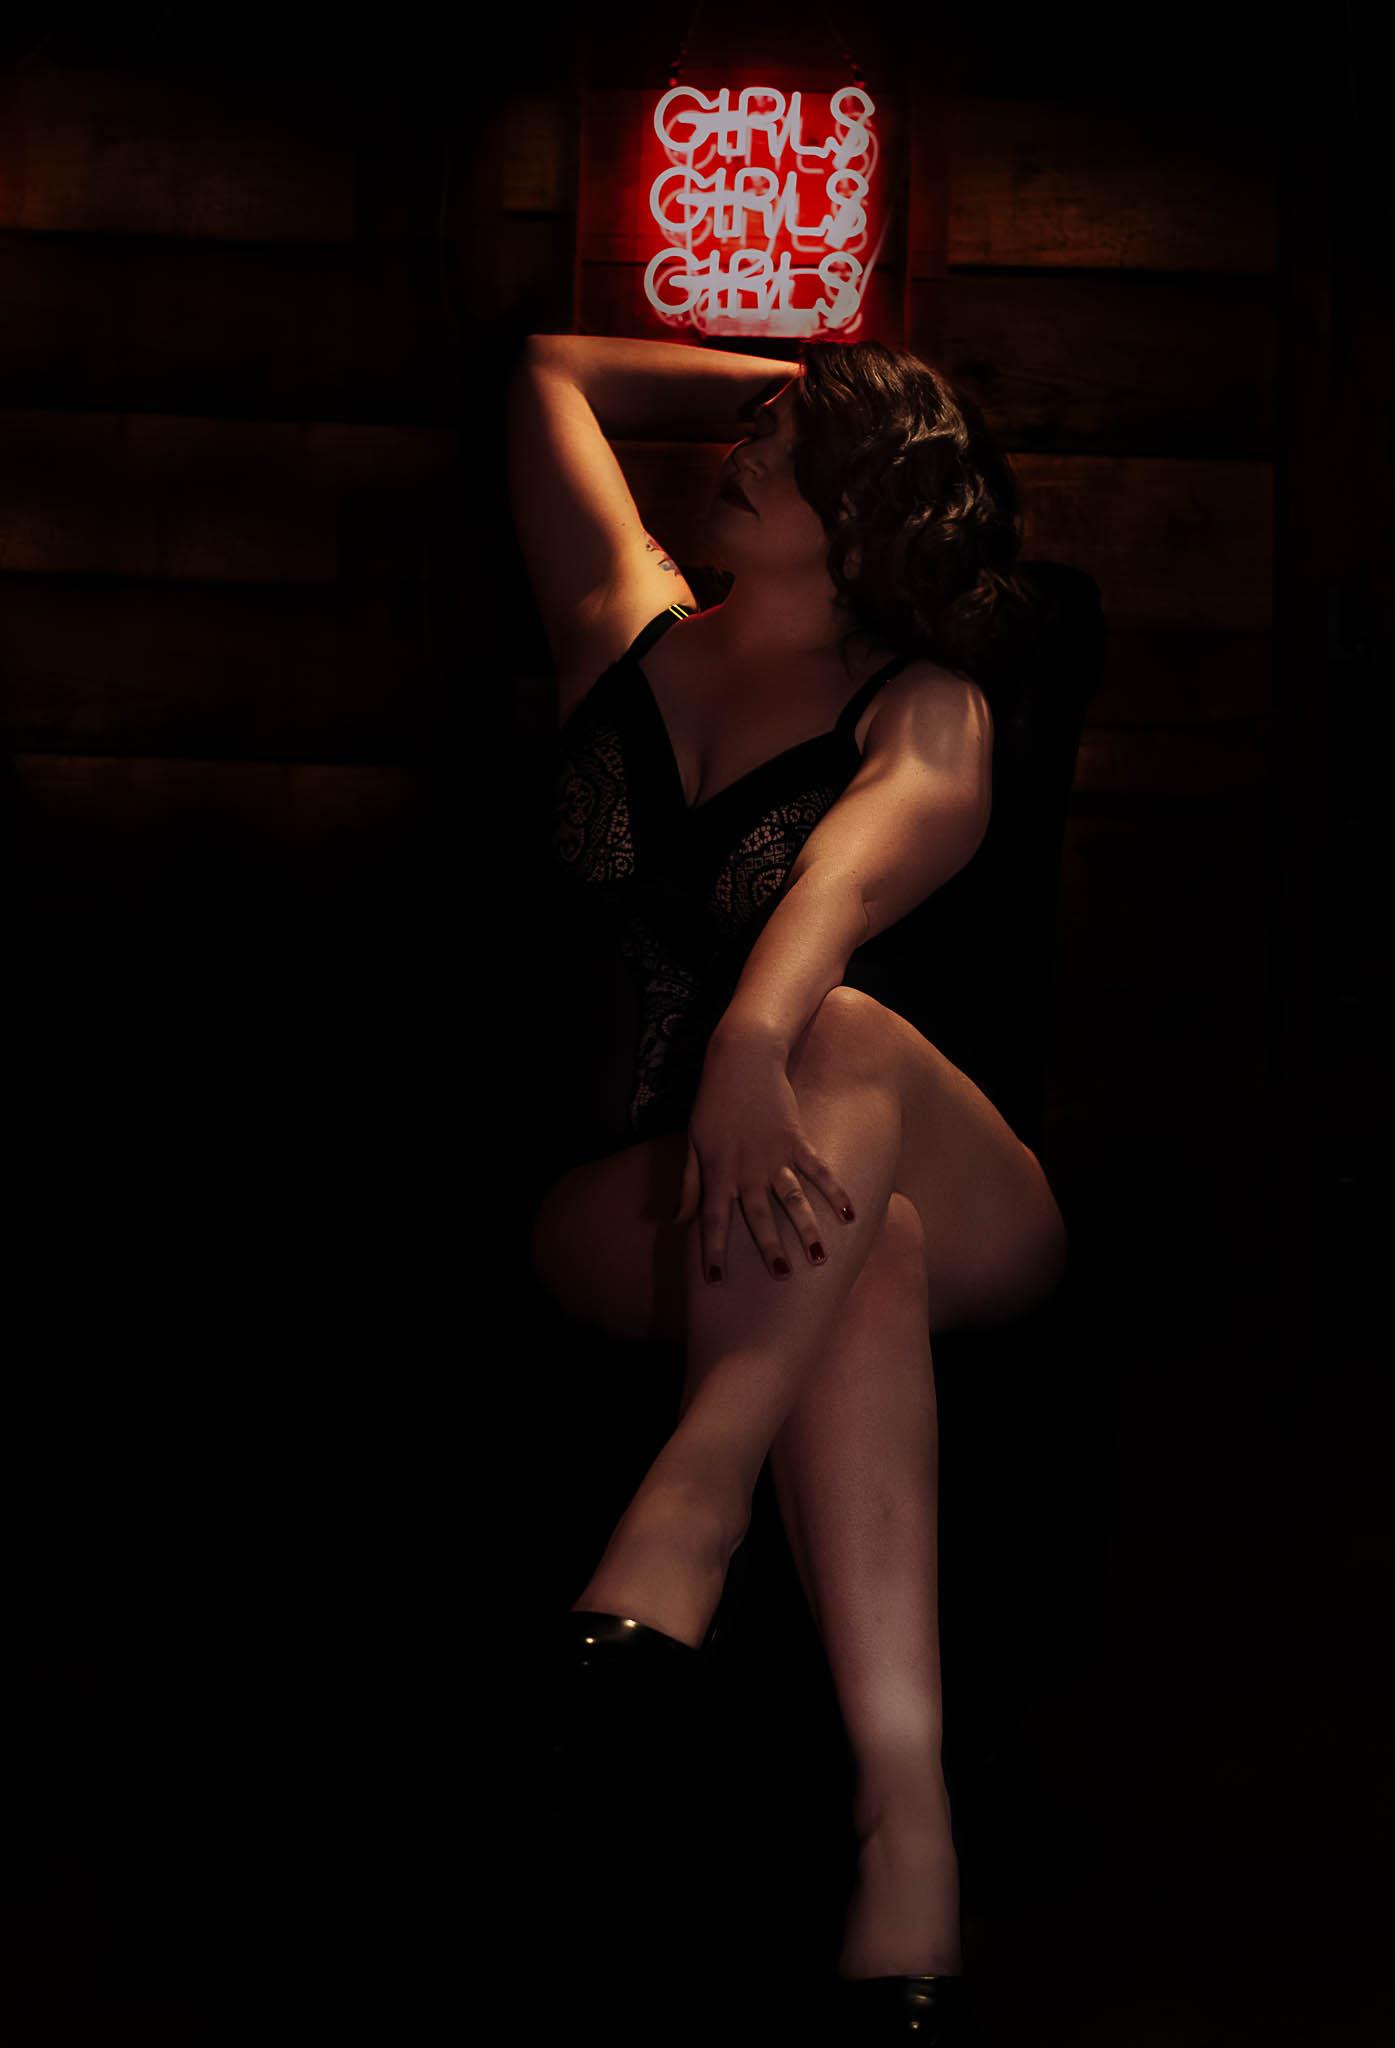 shadowy portrait of woman in heels